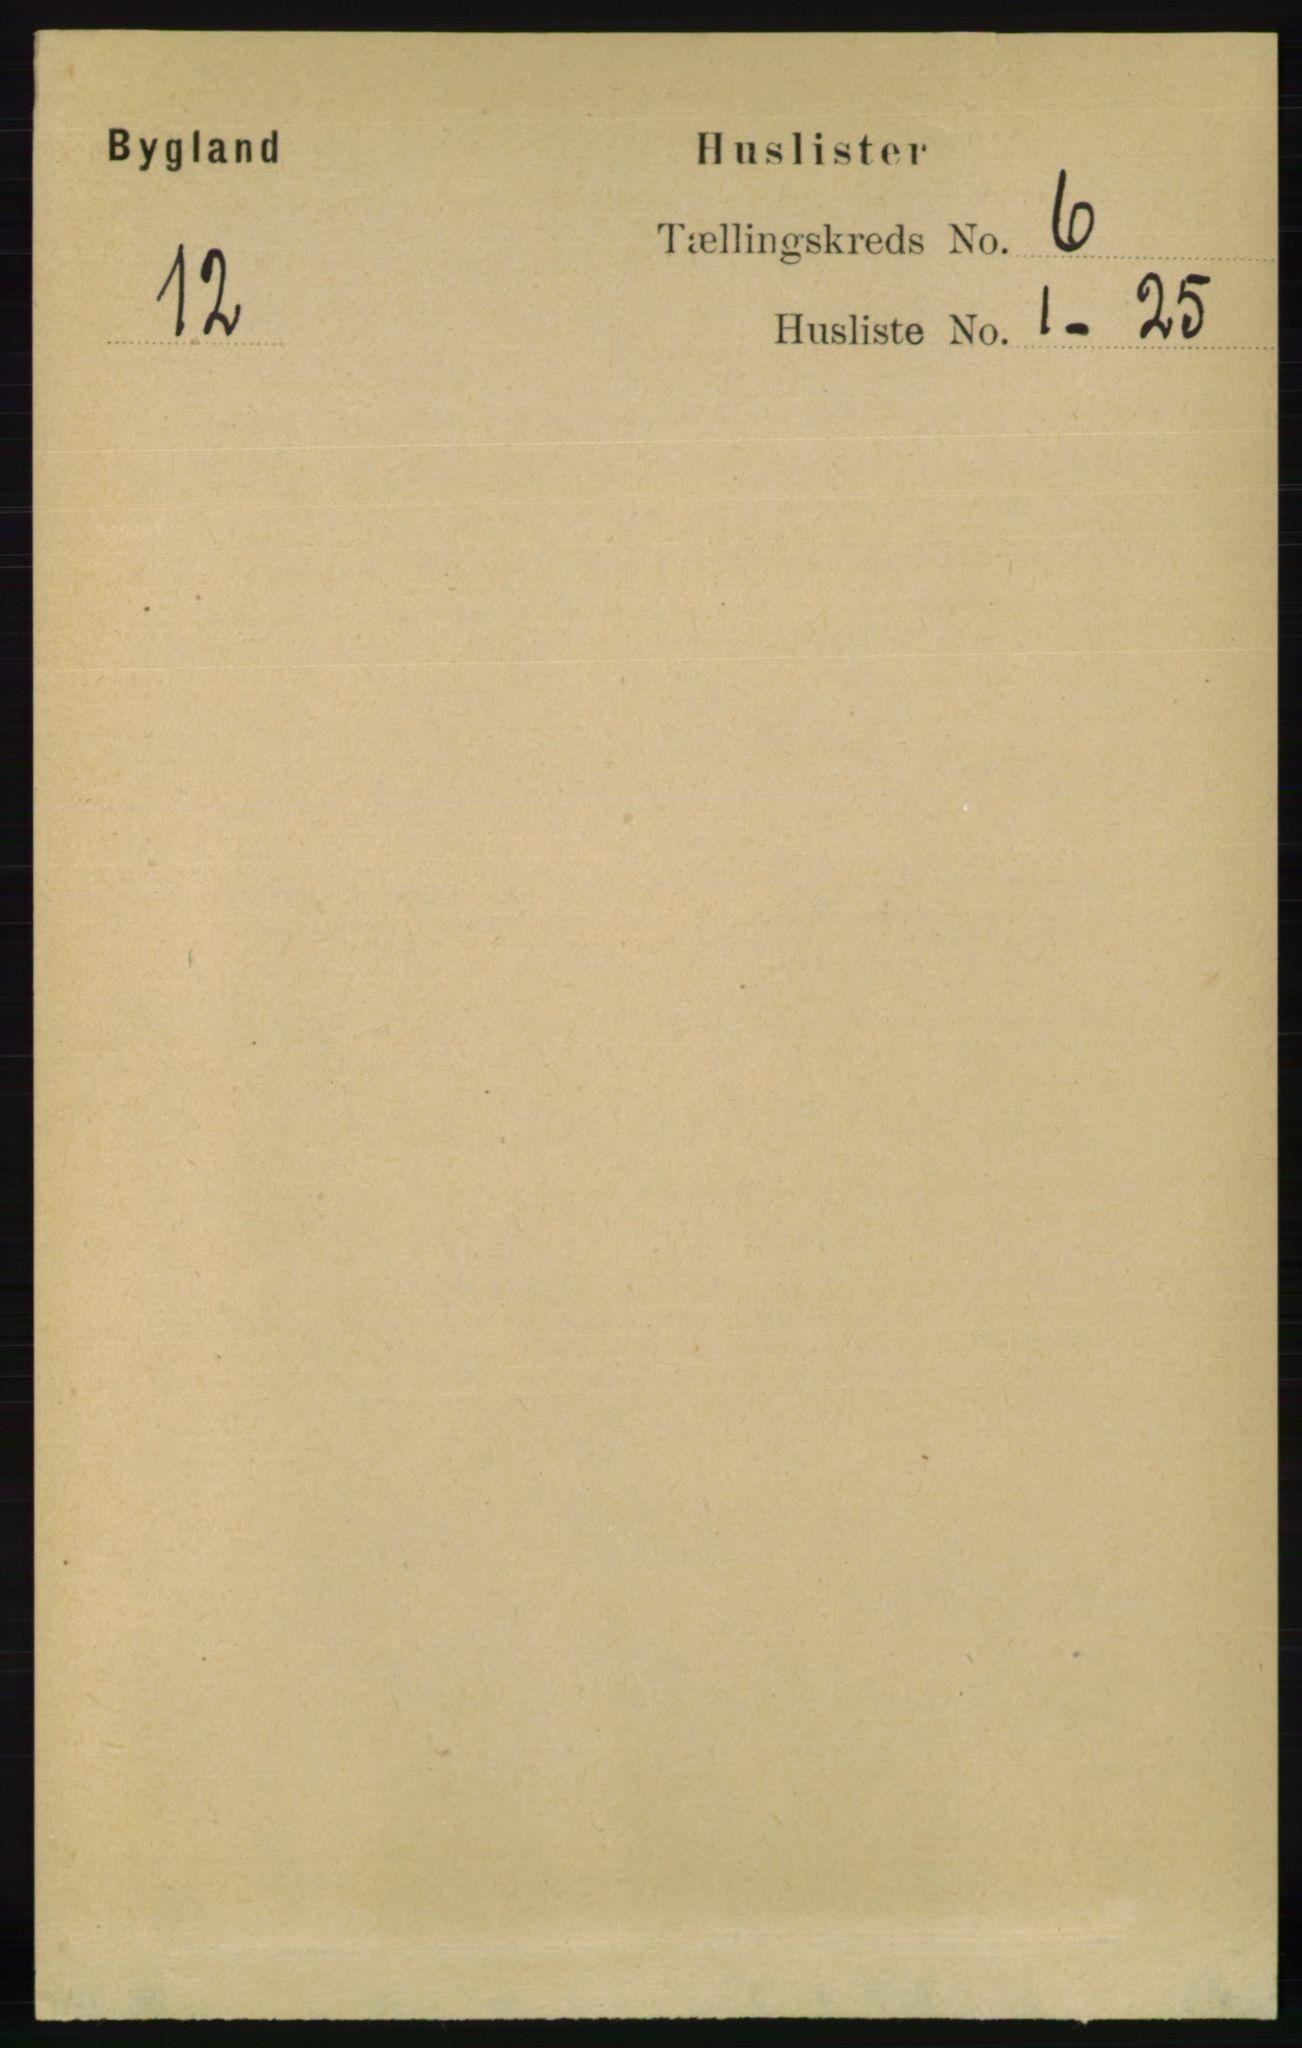 RA, Folketelling 1891 for 0938 Bygland herred, 1891, s. 1307